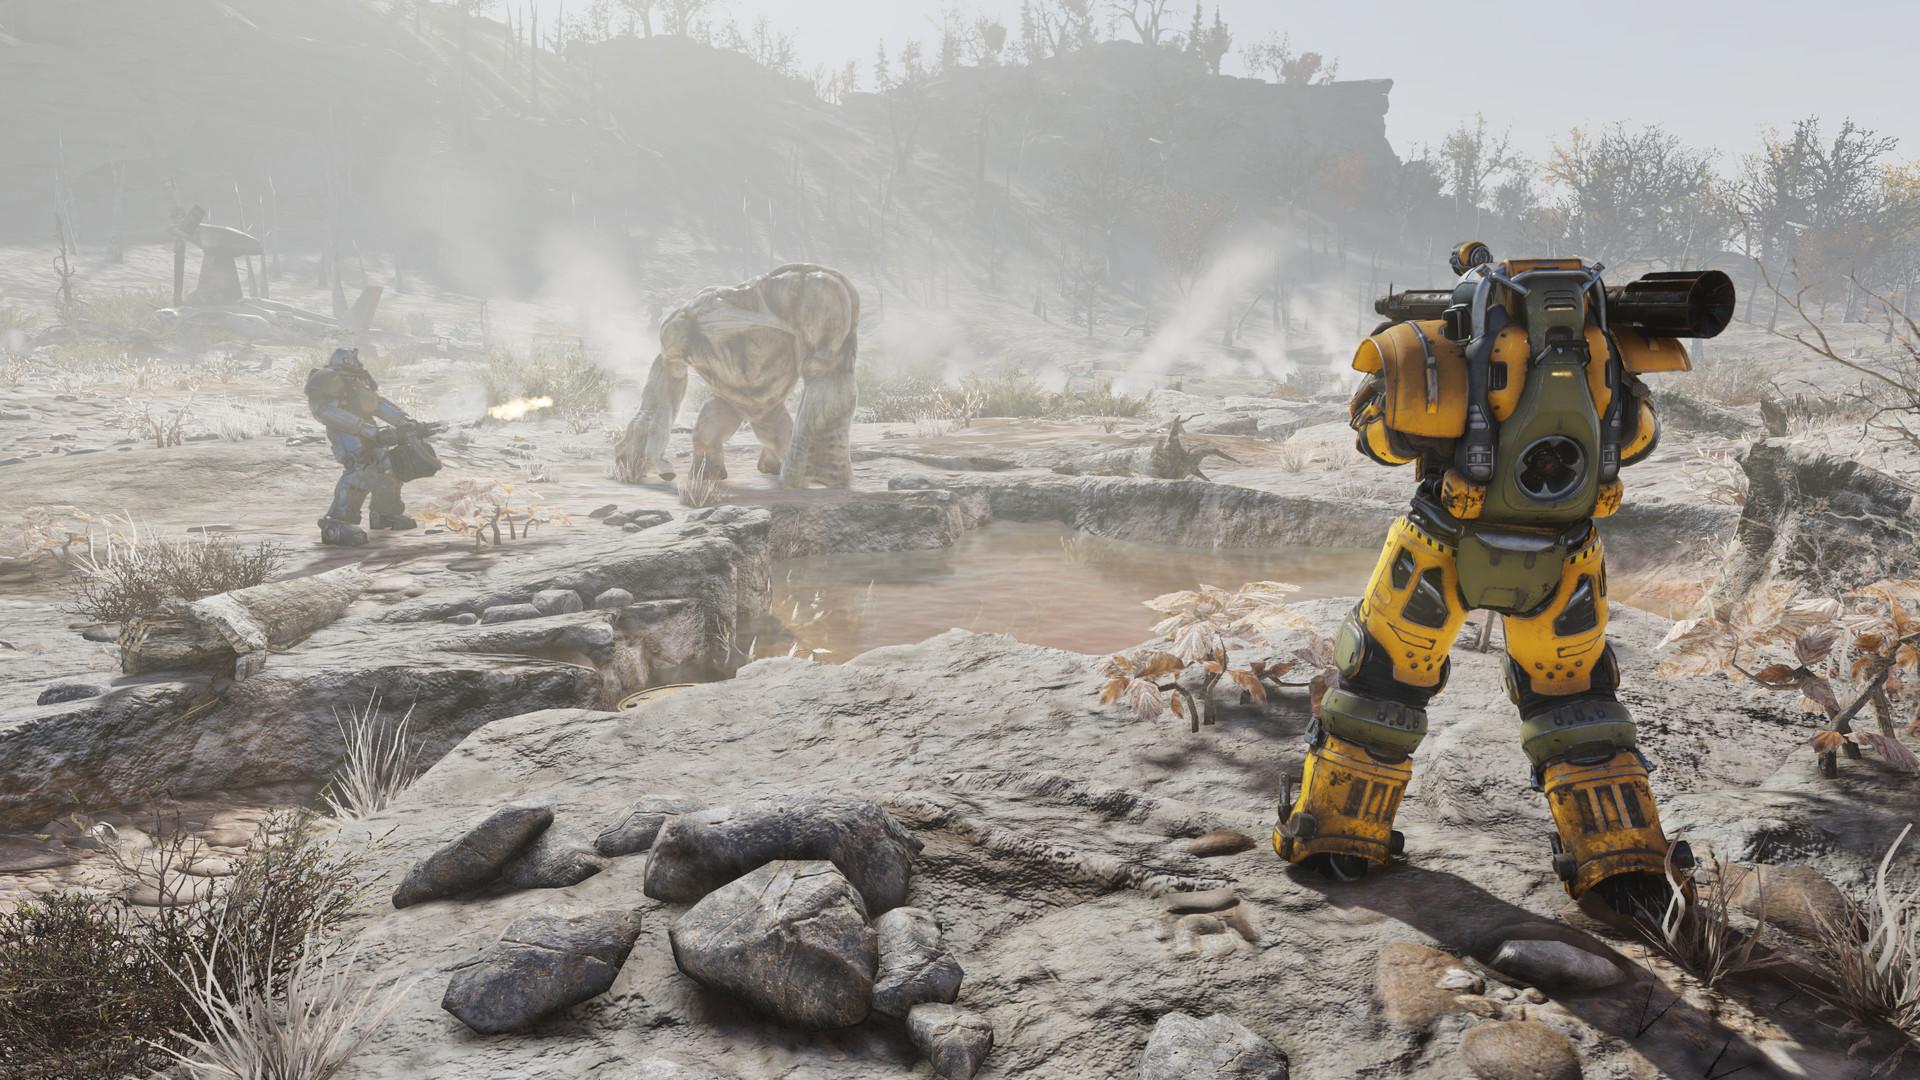 《辐射76》Steam版开启预购 国区定价129元14日解锁